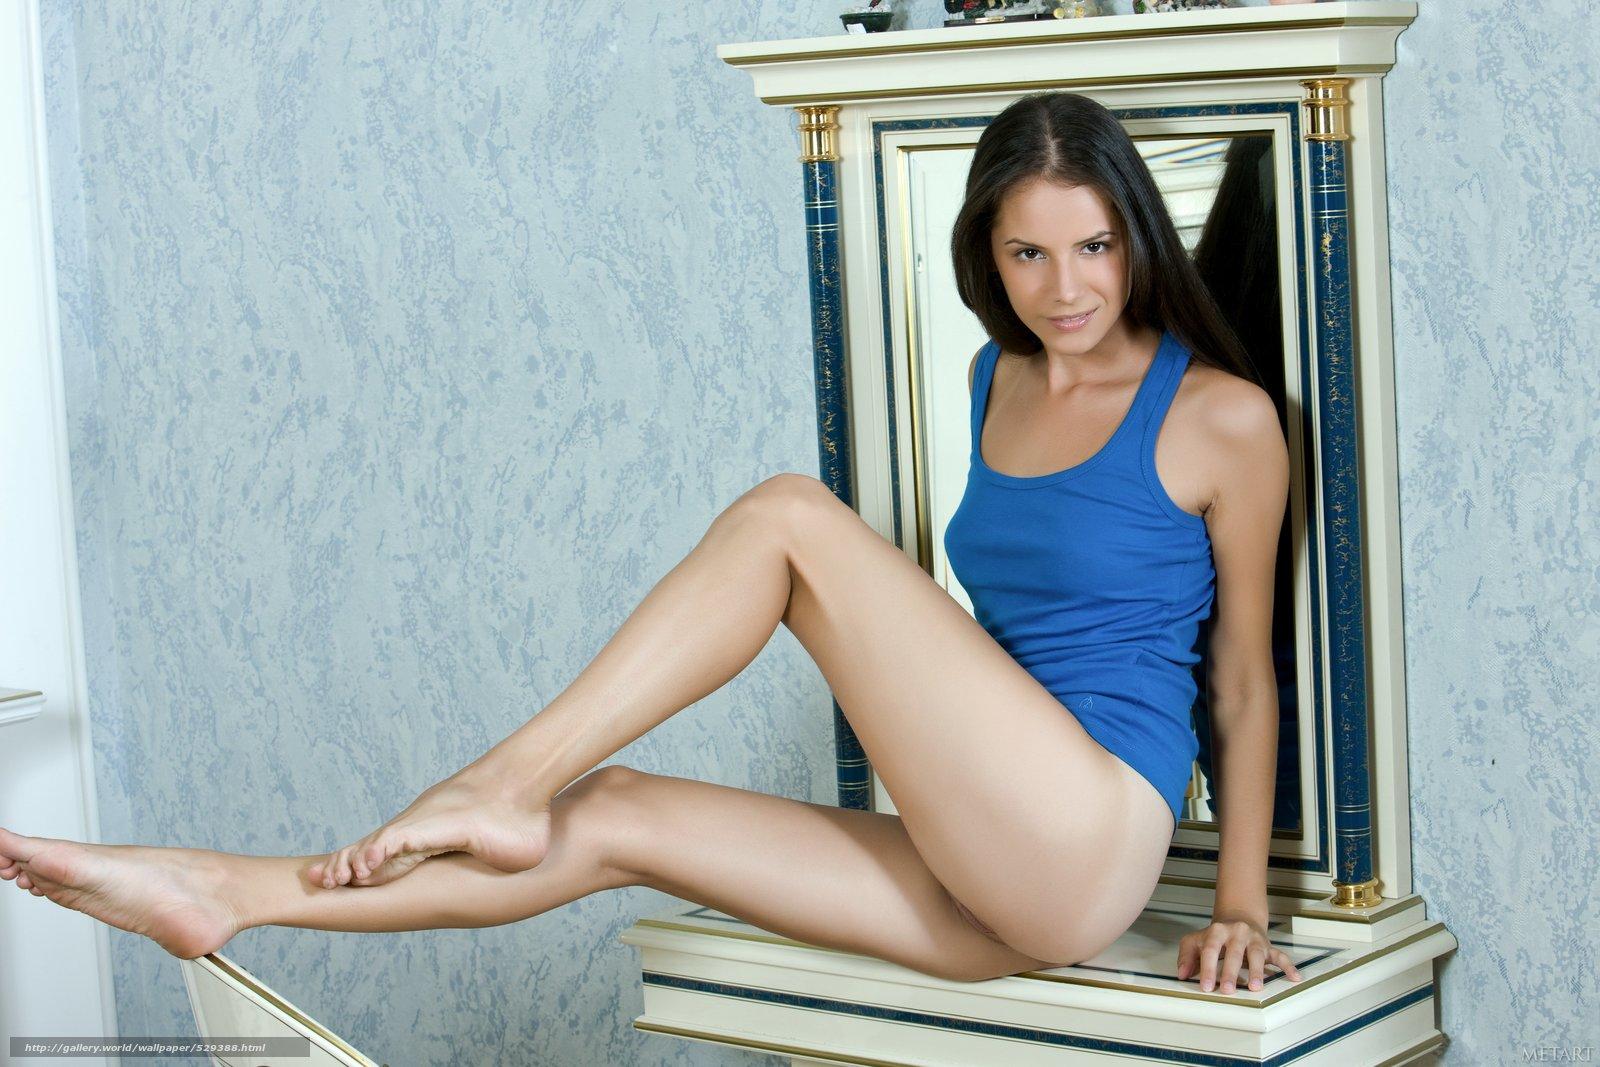 Расставив ноги перед зеркалом 29 фотография